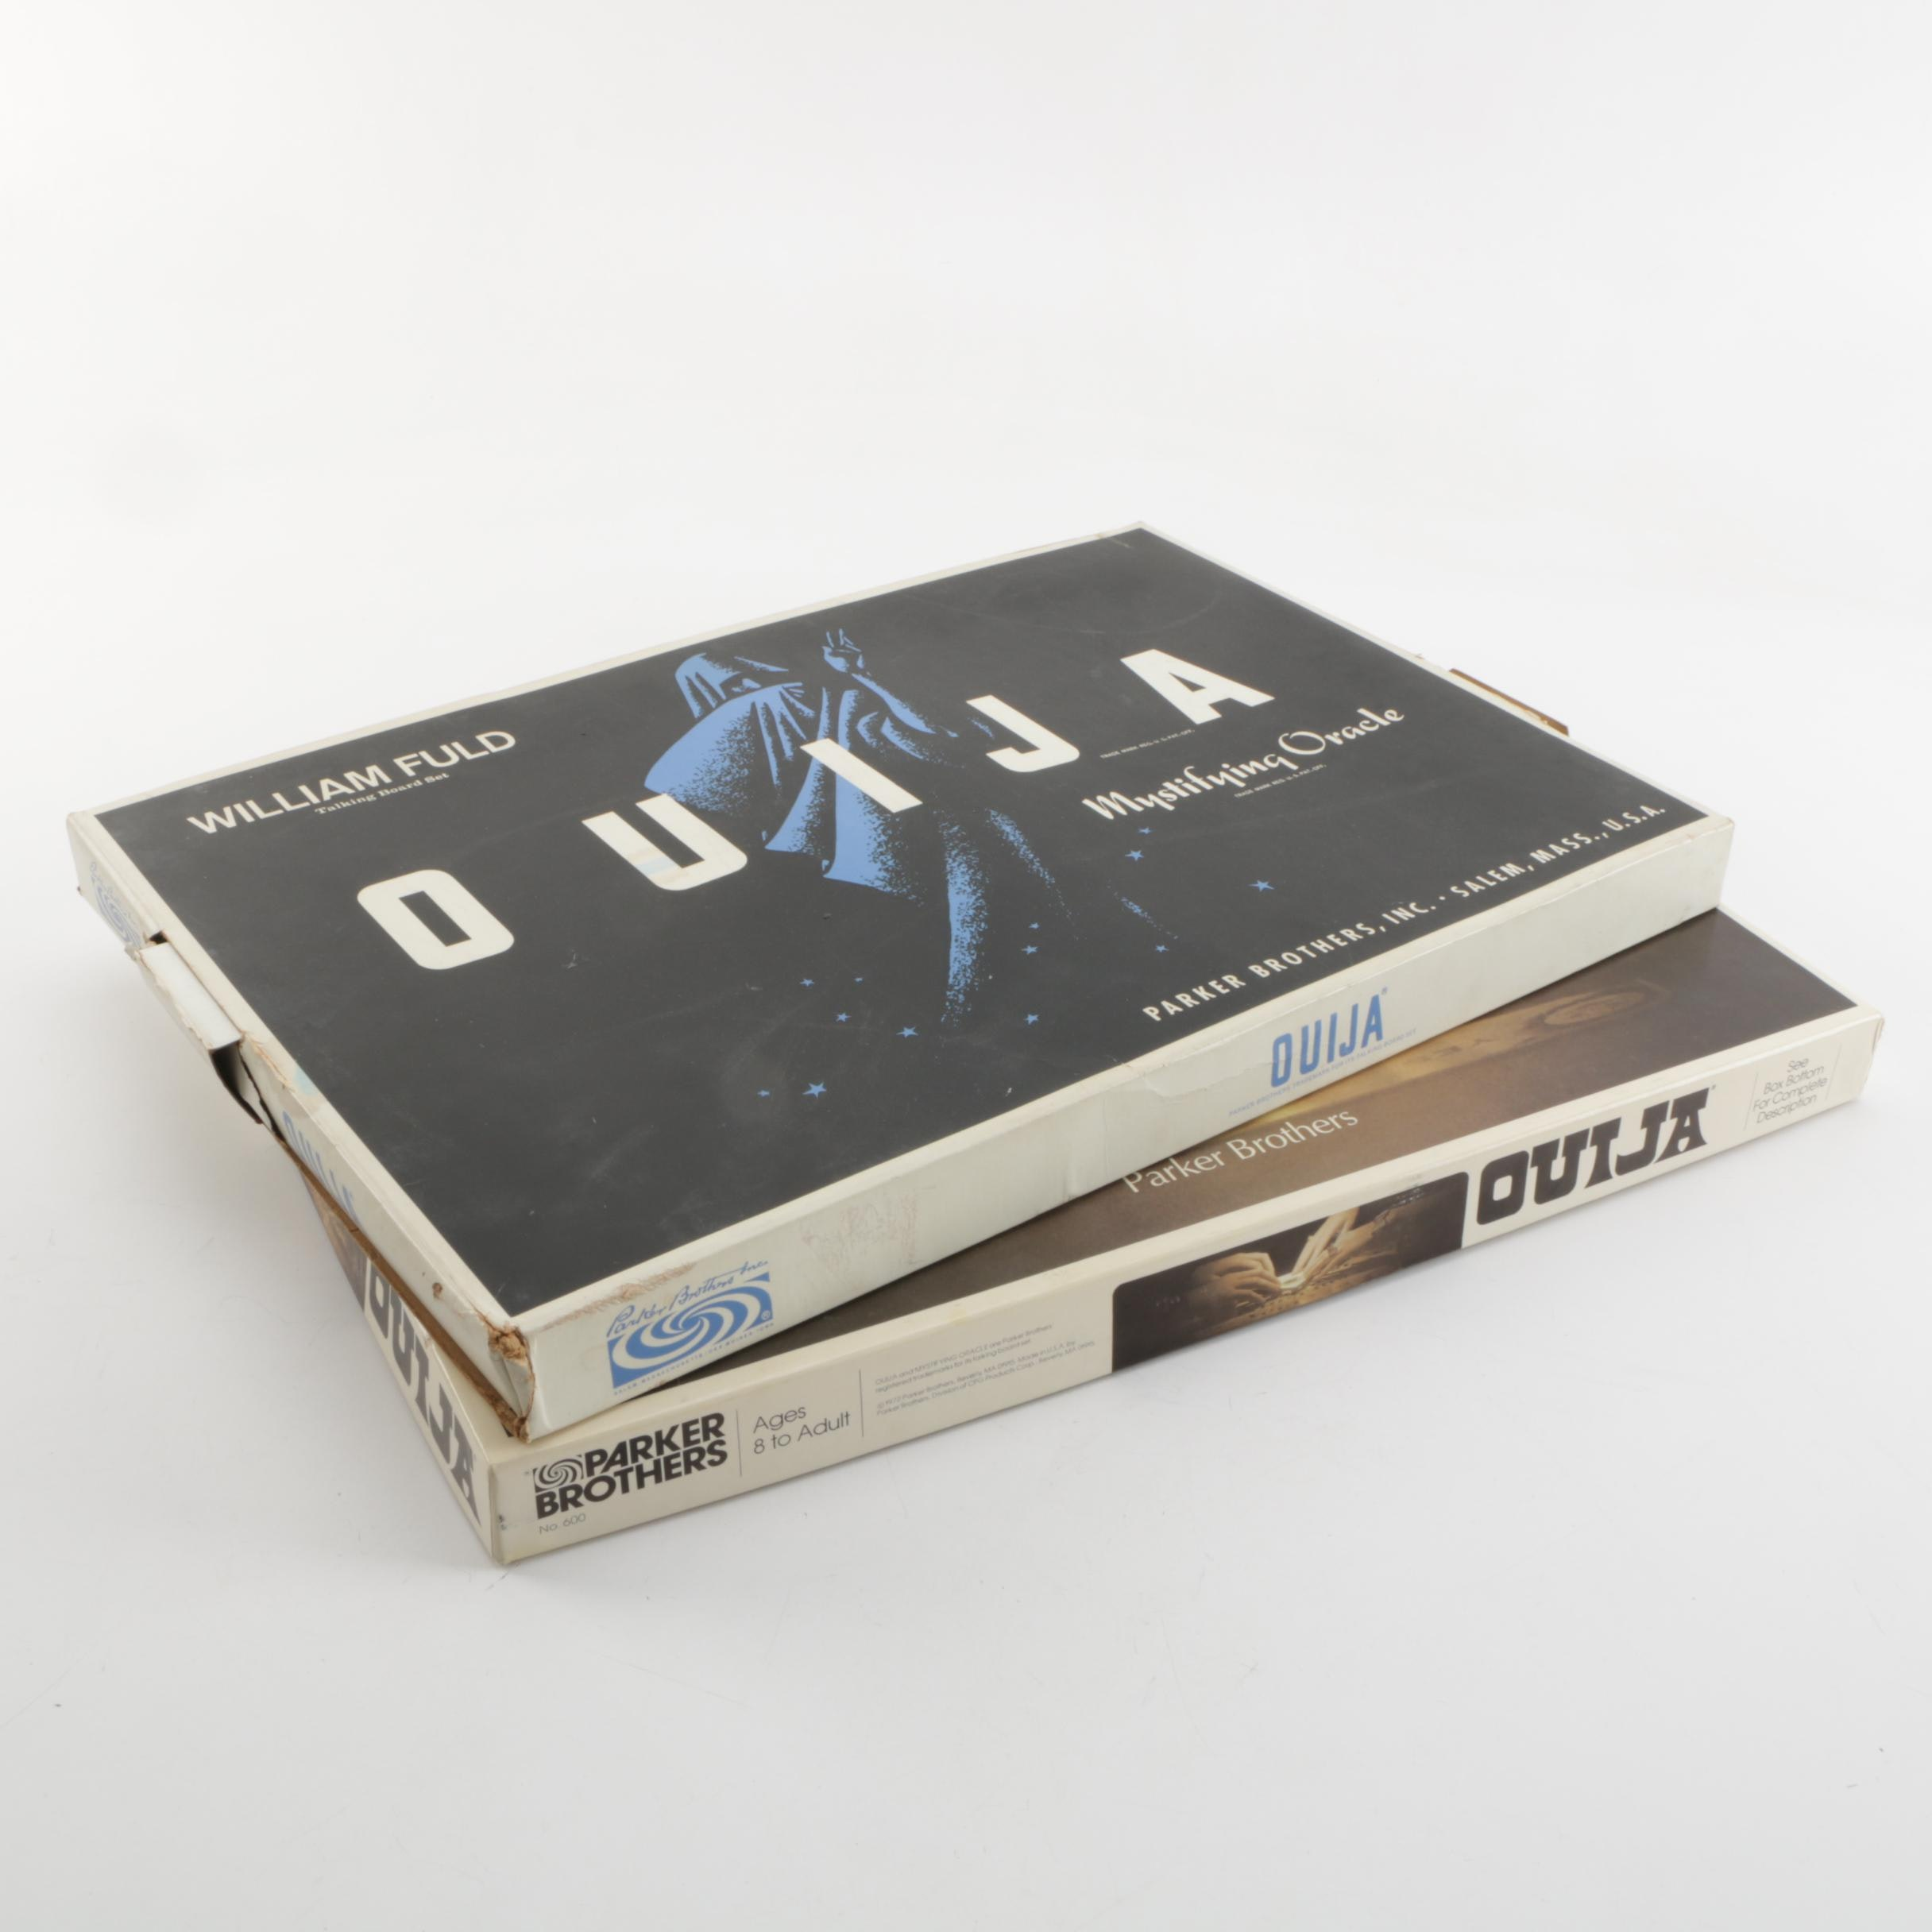 1970s Ouija Boards